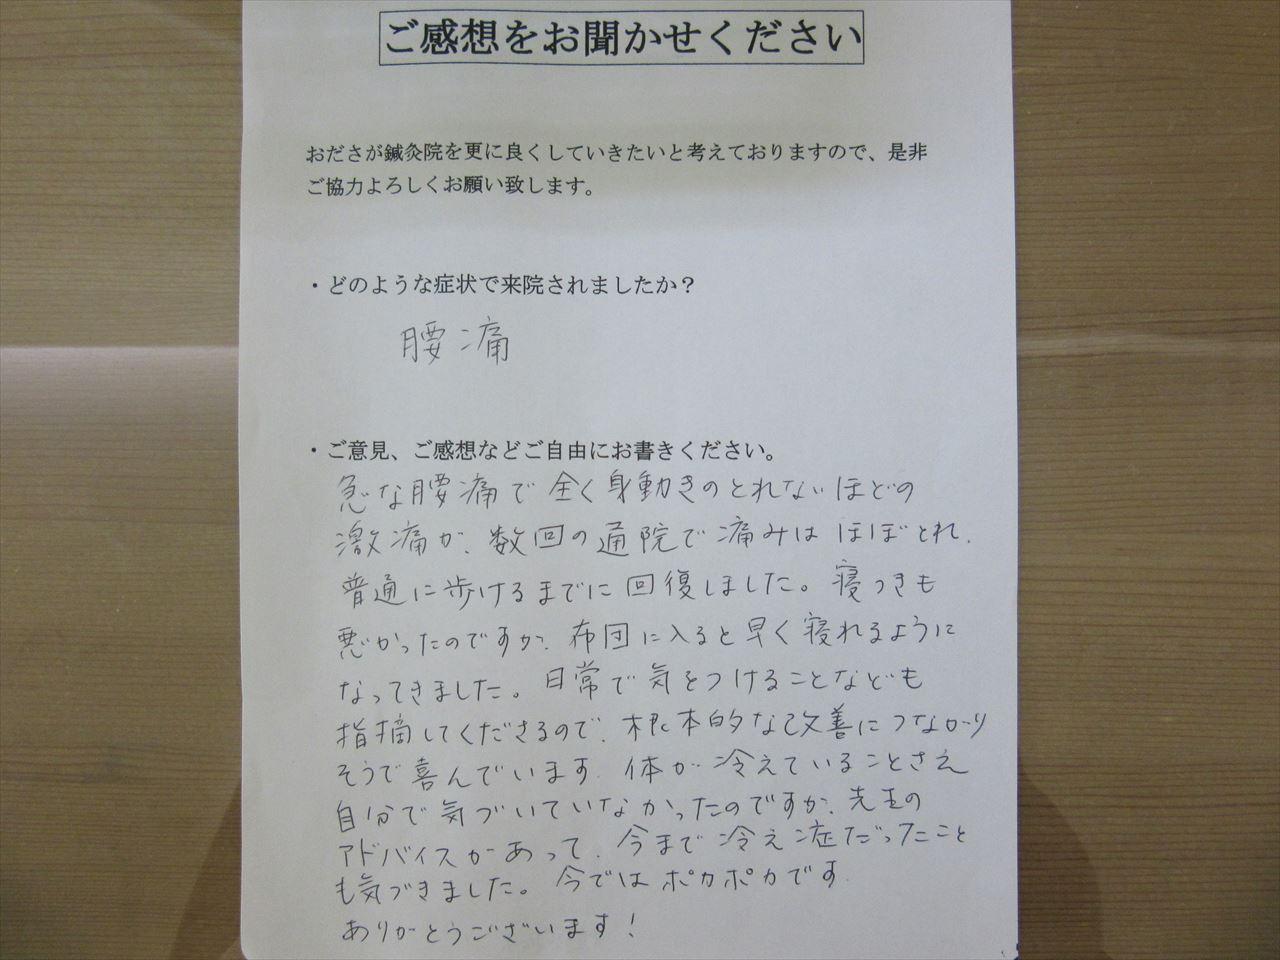 患者からの 手書手紙 米軍 腰痛